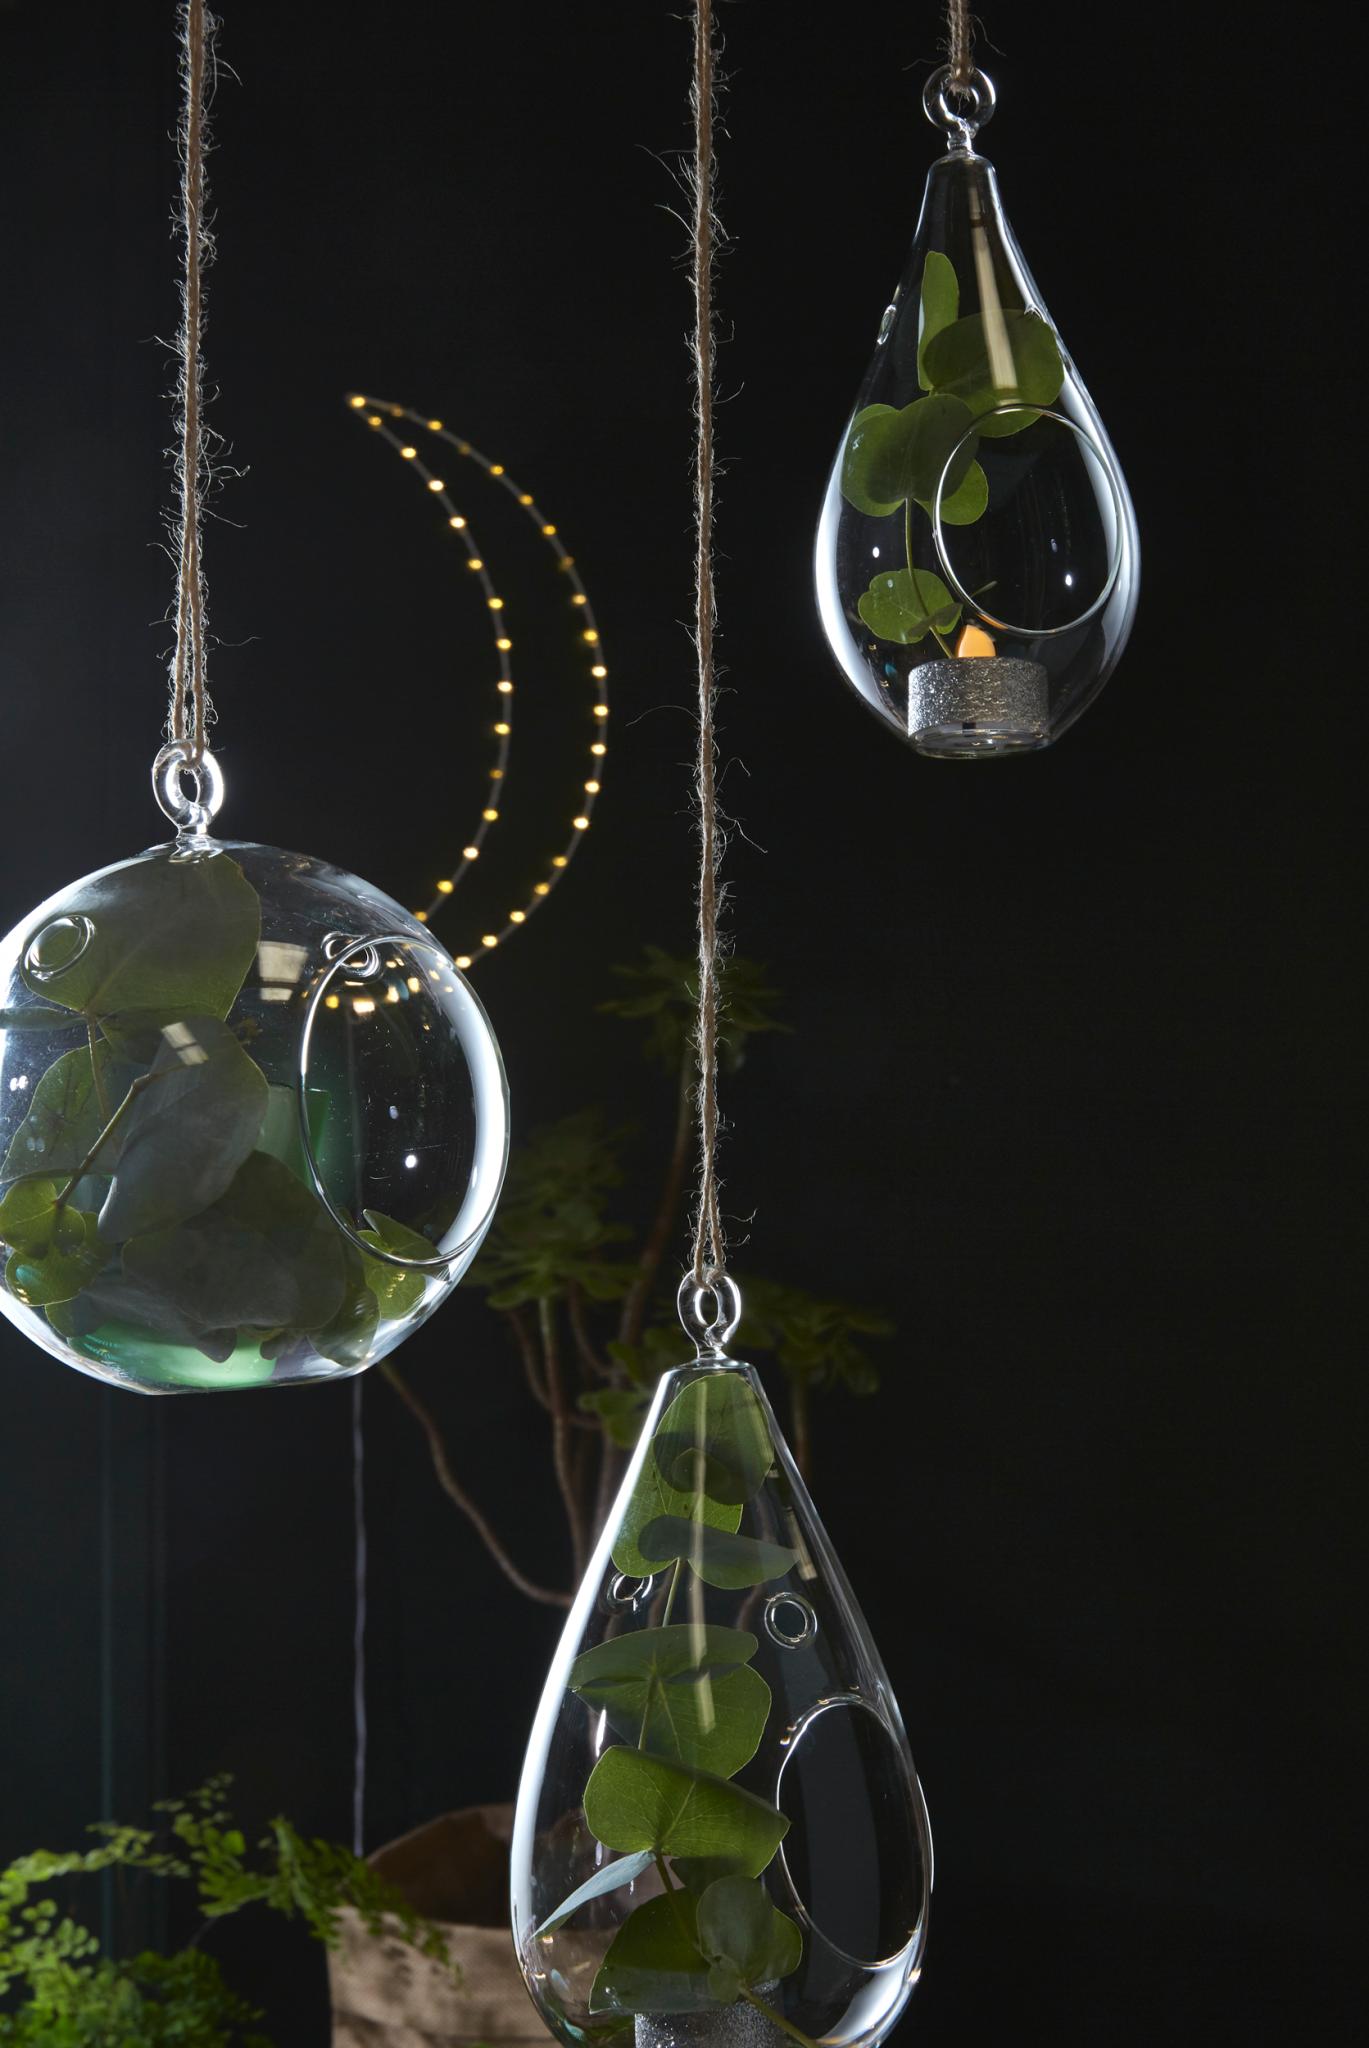 décoration noel gouttes verre eucalyptus vert